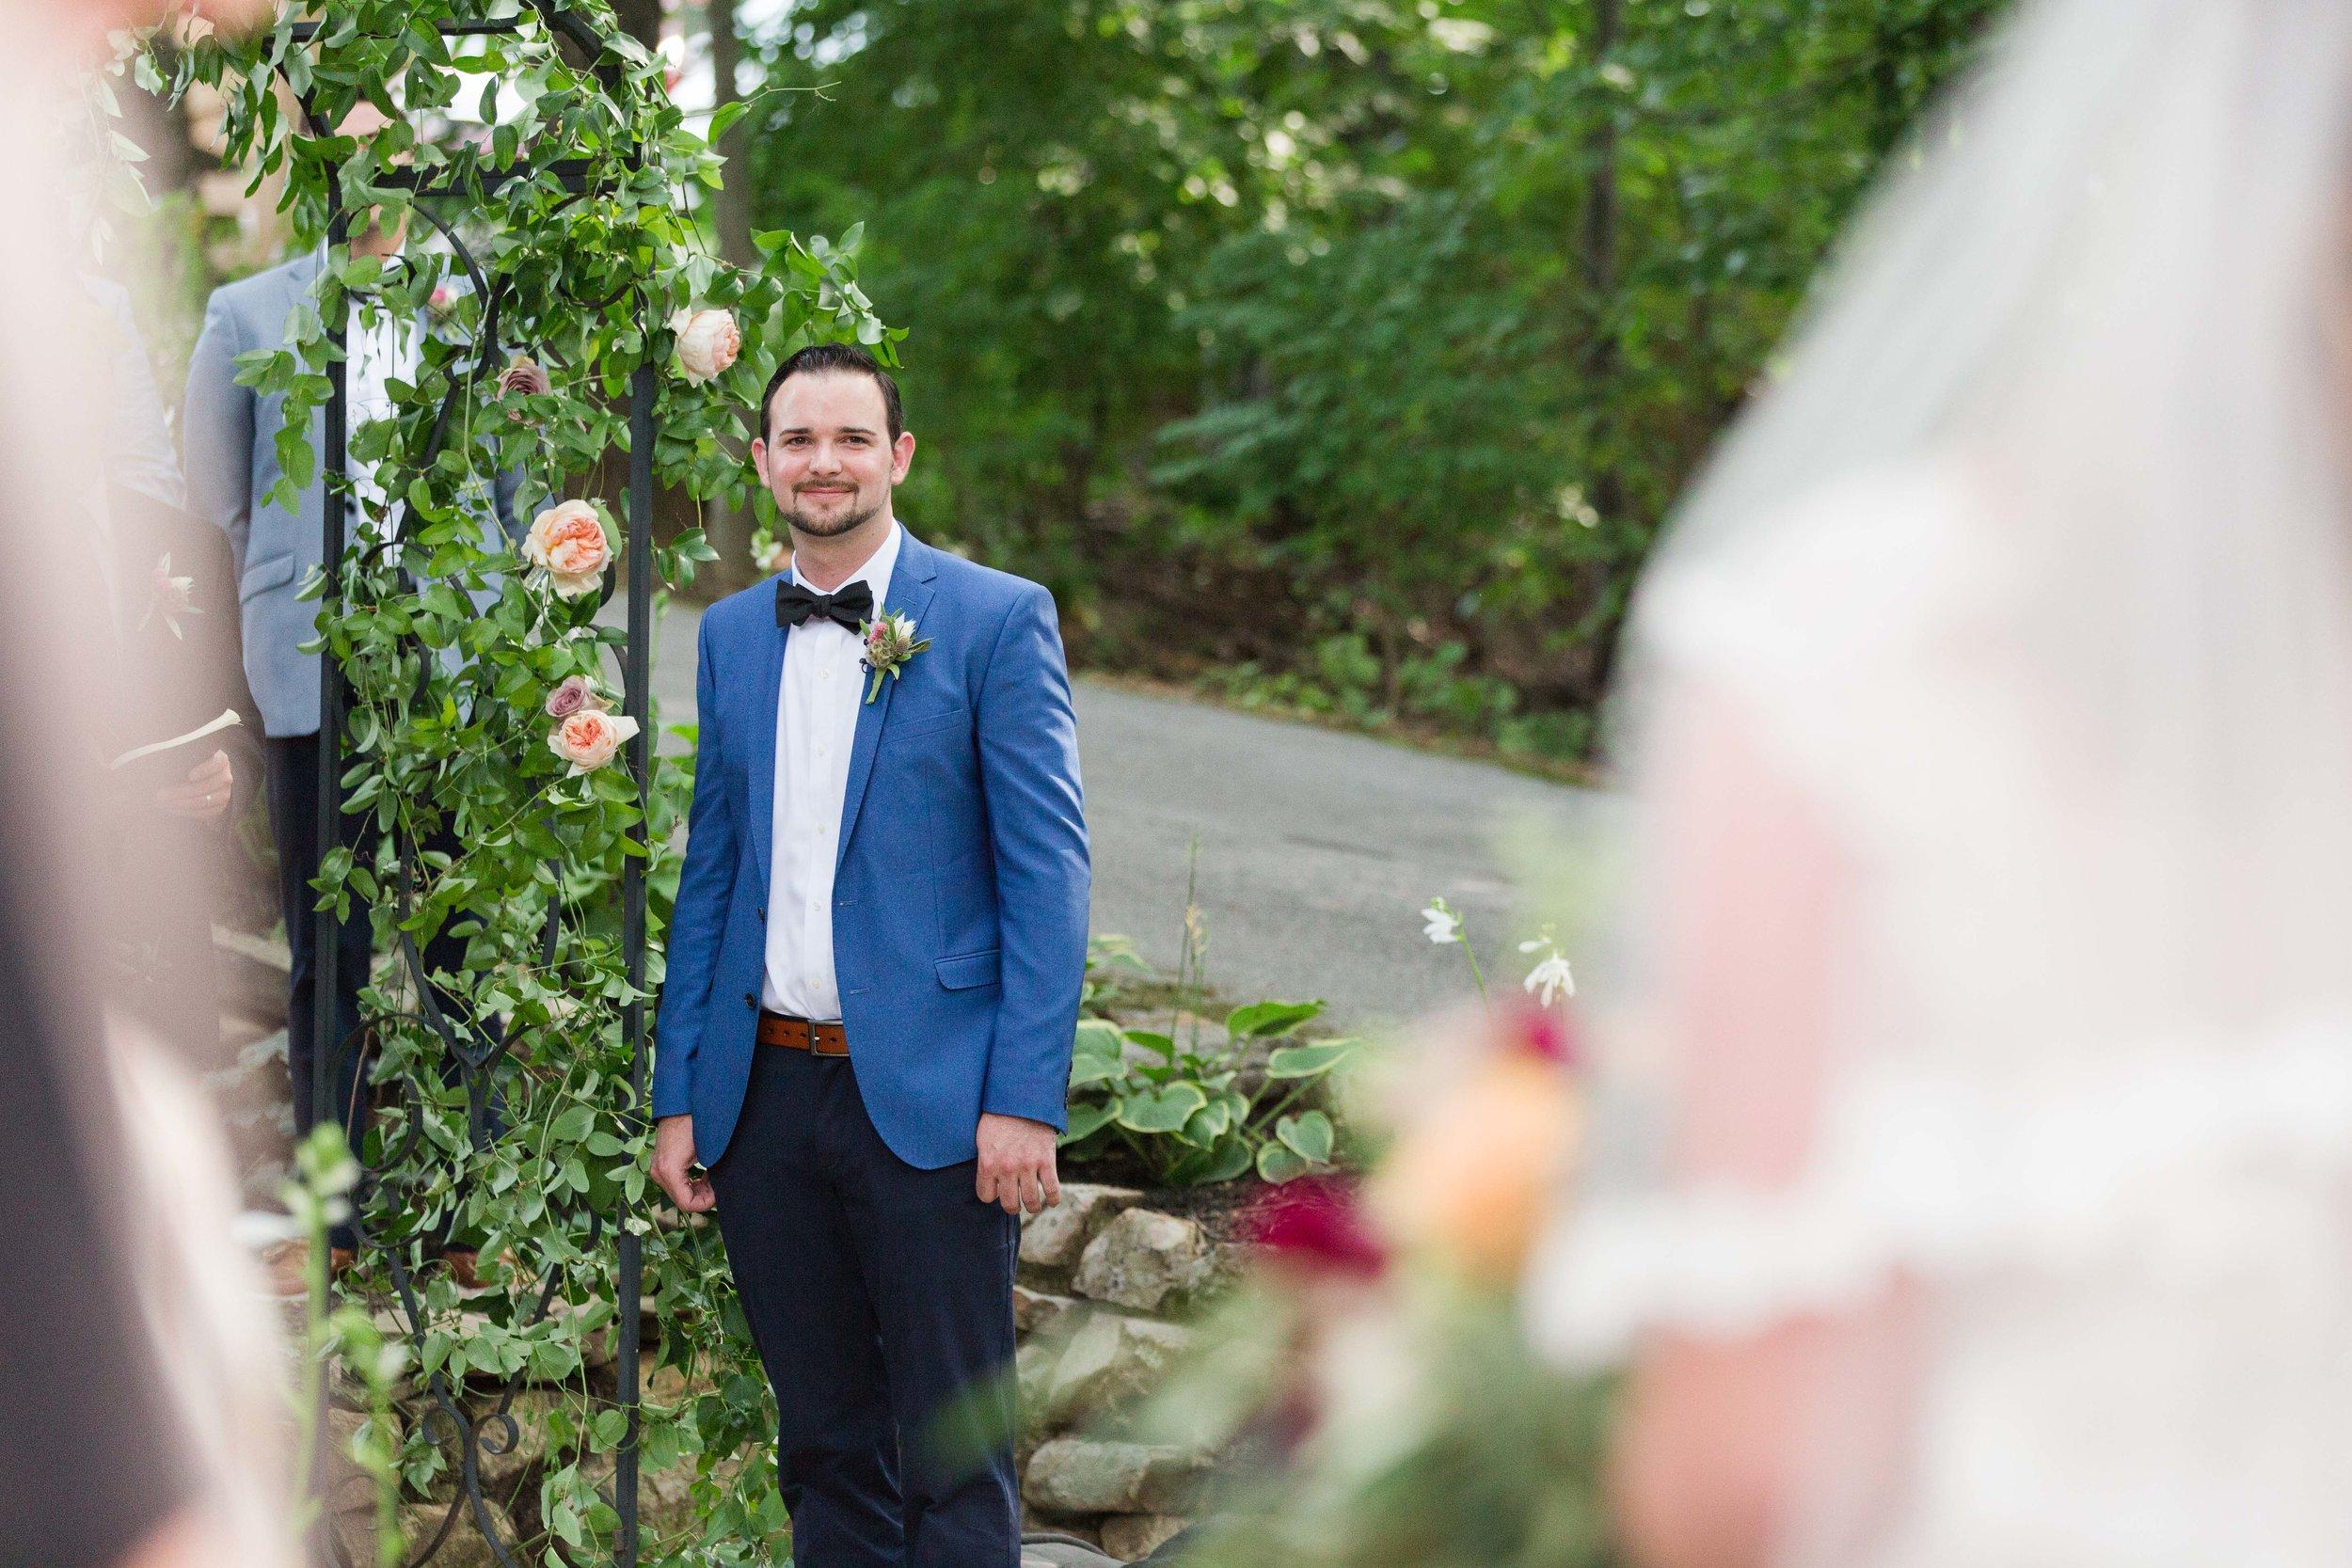 outdoor backyard ceremony wv photographer leesburg va hagerstown md warrenton va-13.jpg